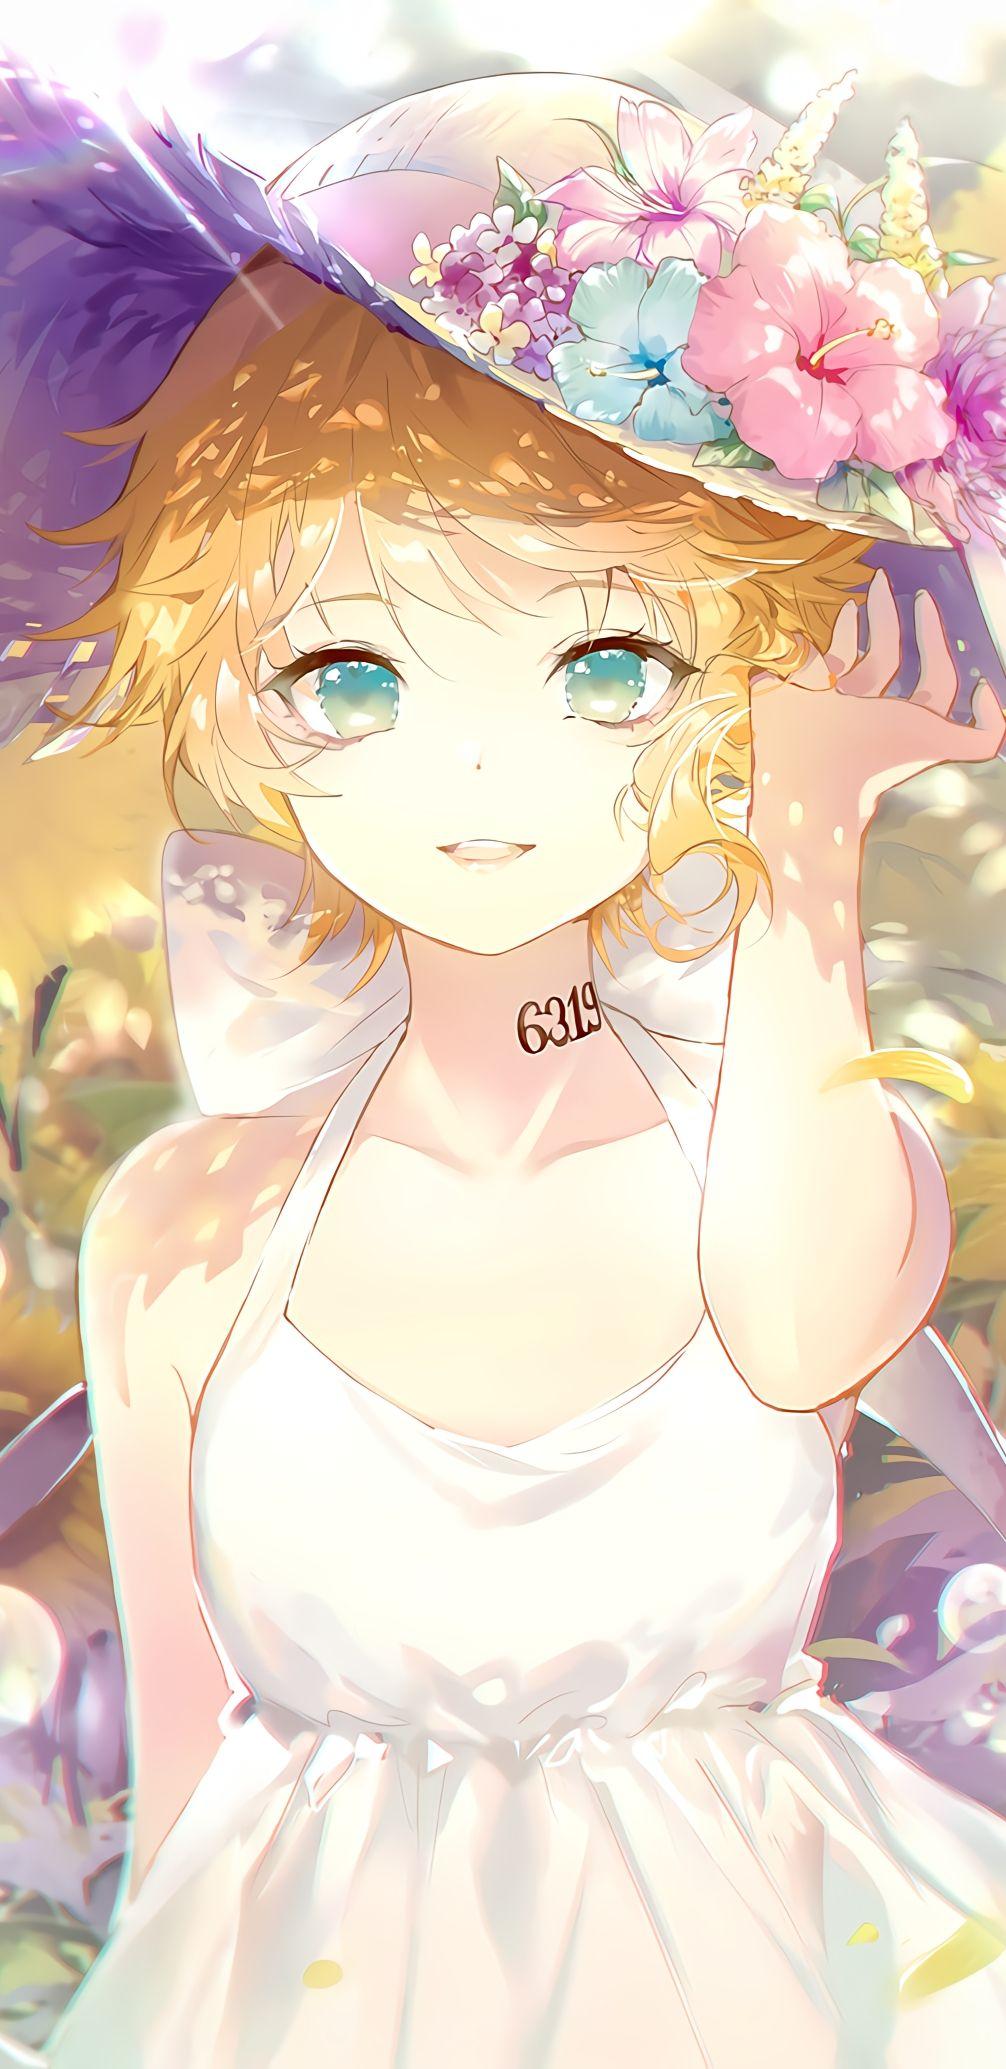 Emma [The Promised Neverland] (1006x2069) en 2020 Dessin